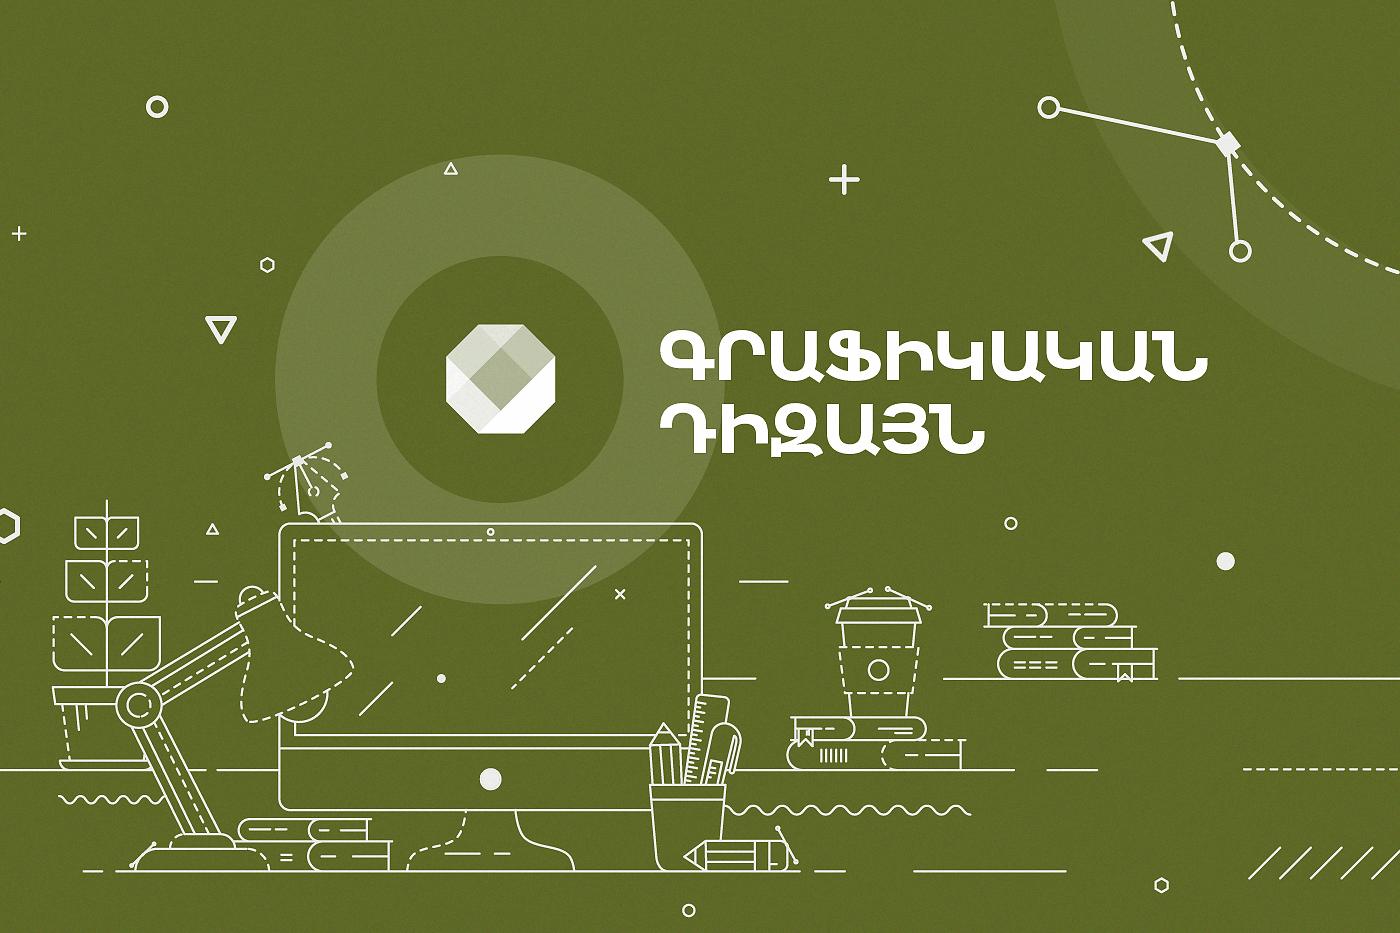 design - Գրաֆիկական դիզայն